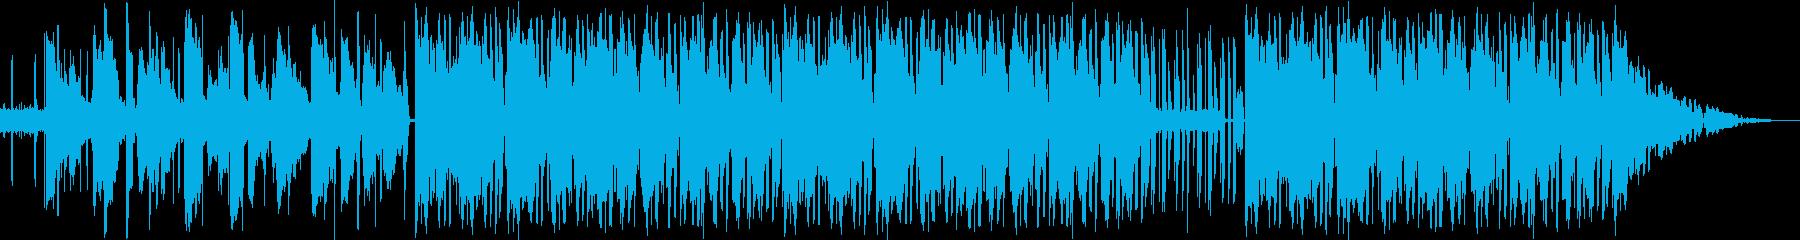 しっとりギター lo-fiの再生済みの波形